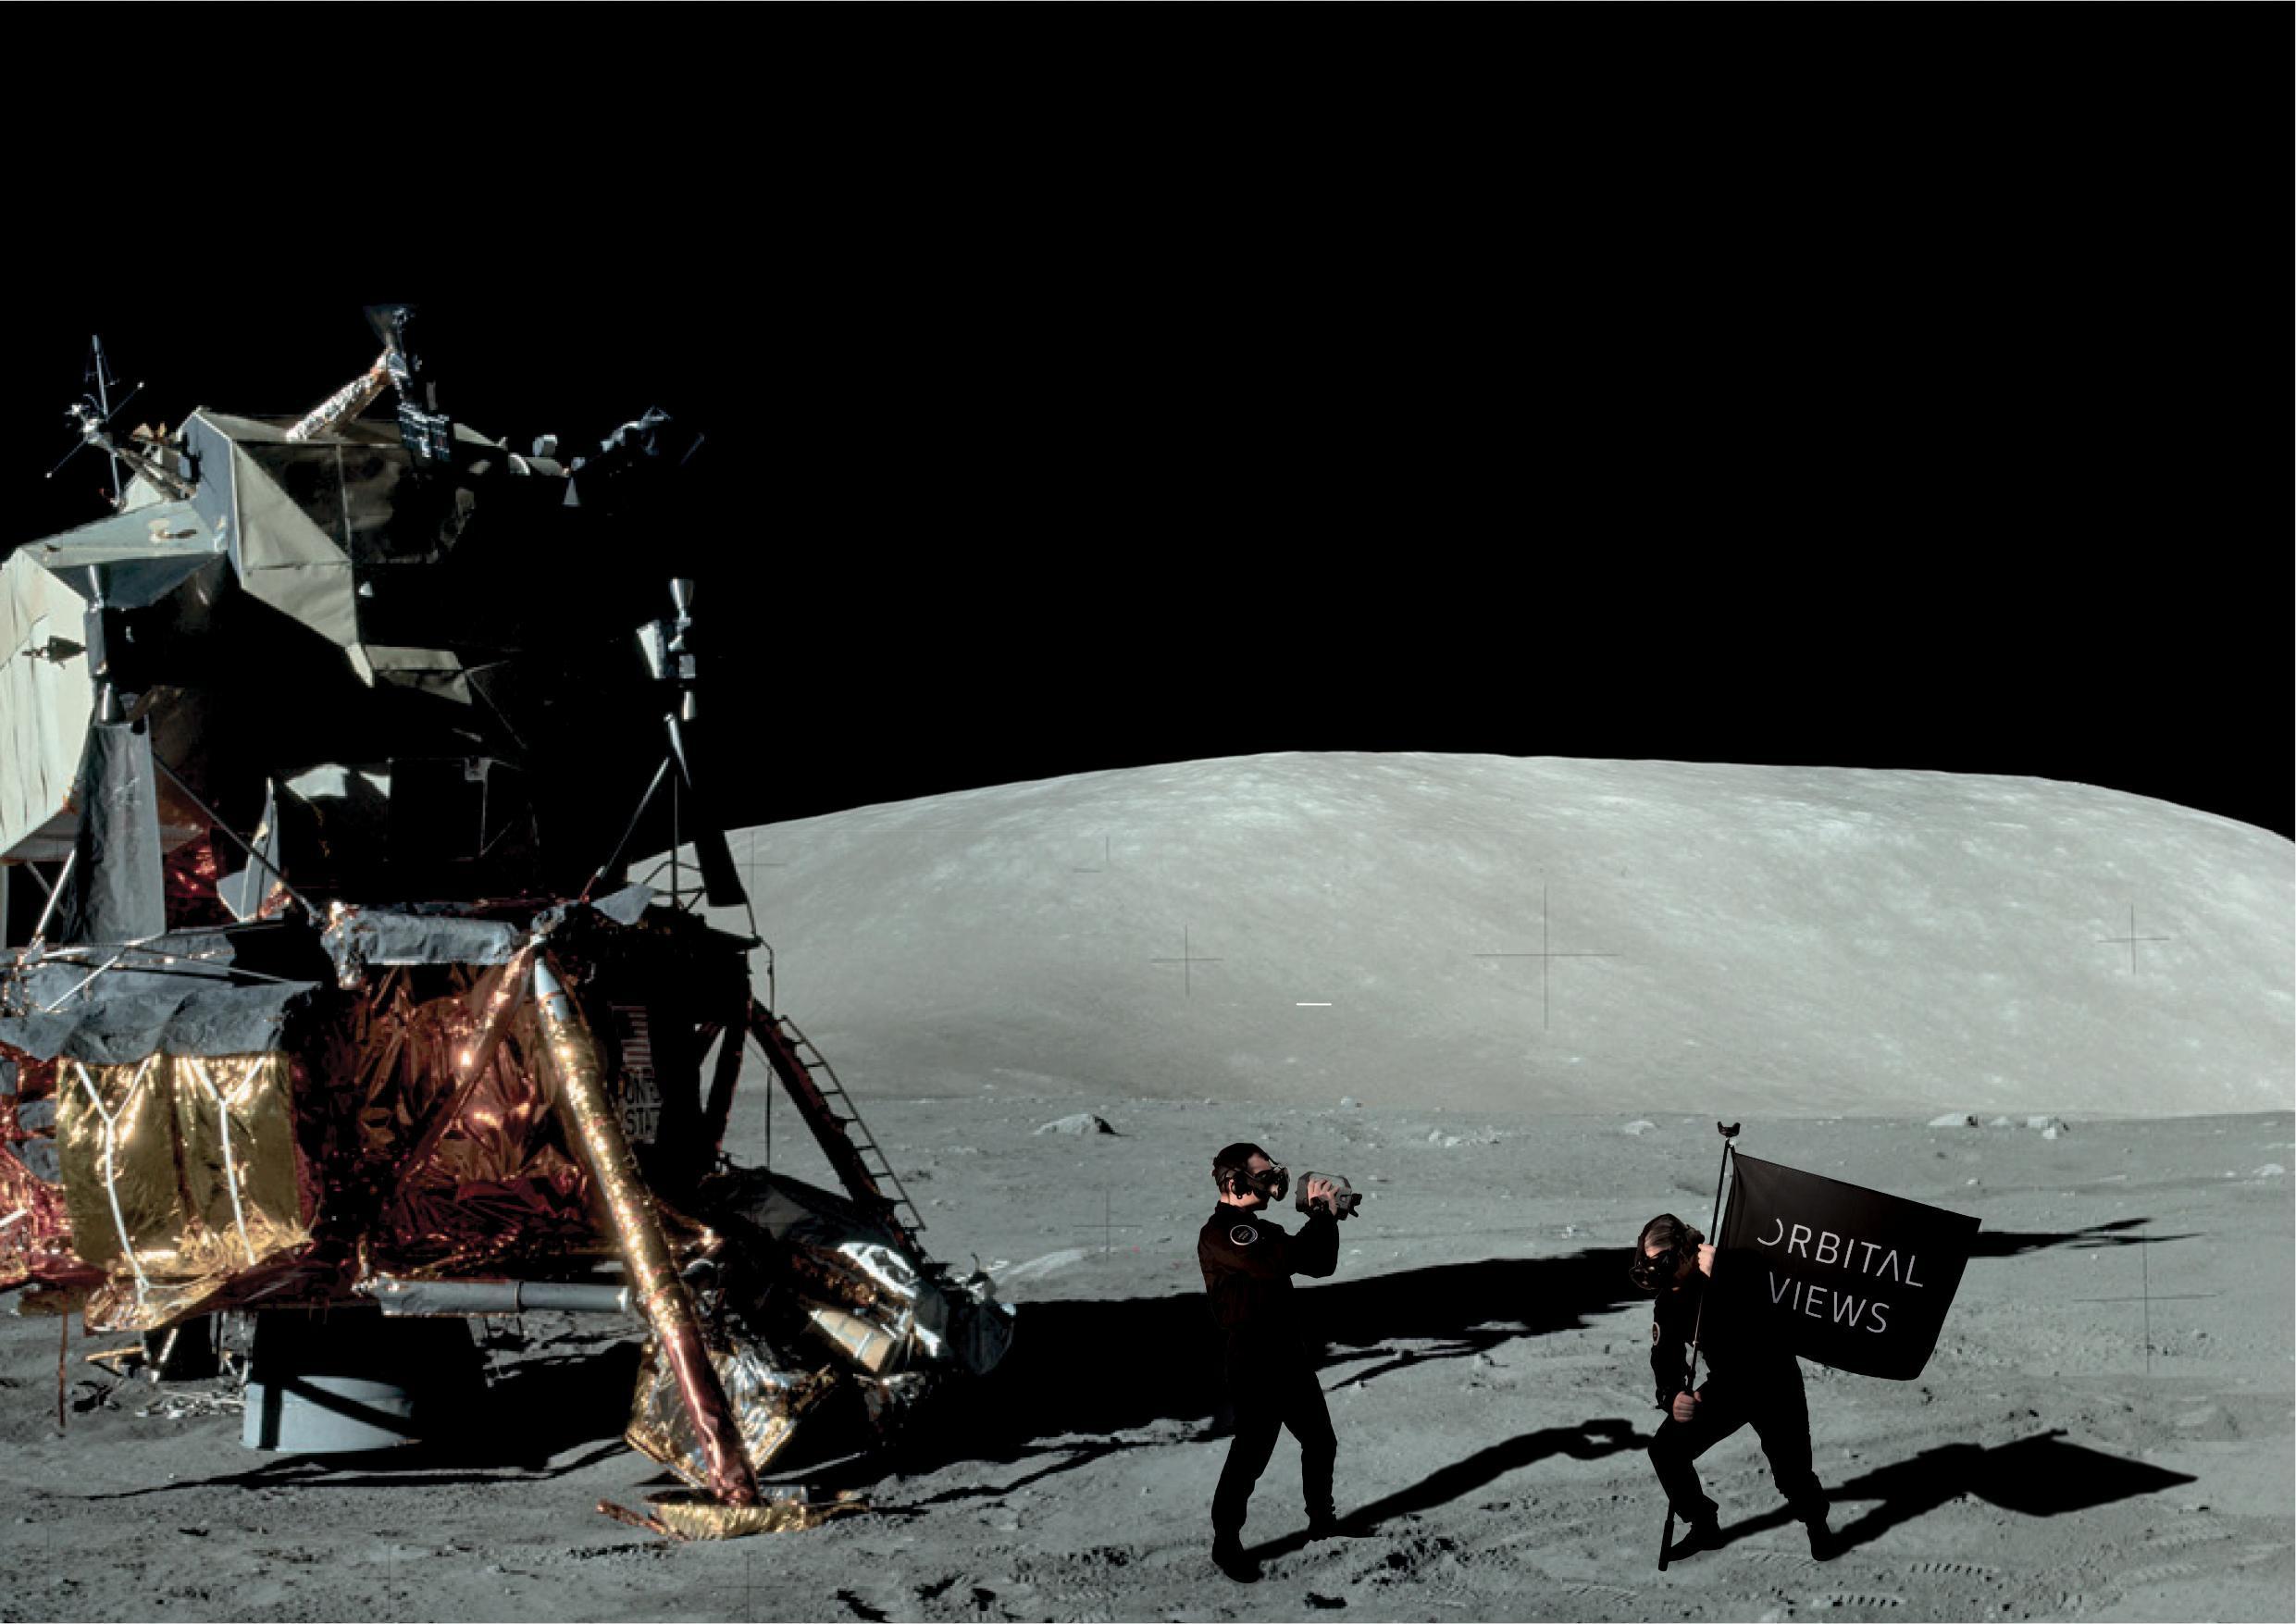 Apollo Moon Operations refait vivre les premiers pas sur la Lune en réalité virtuelle